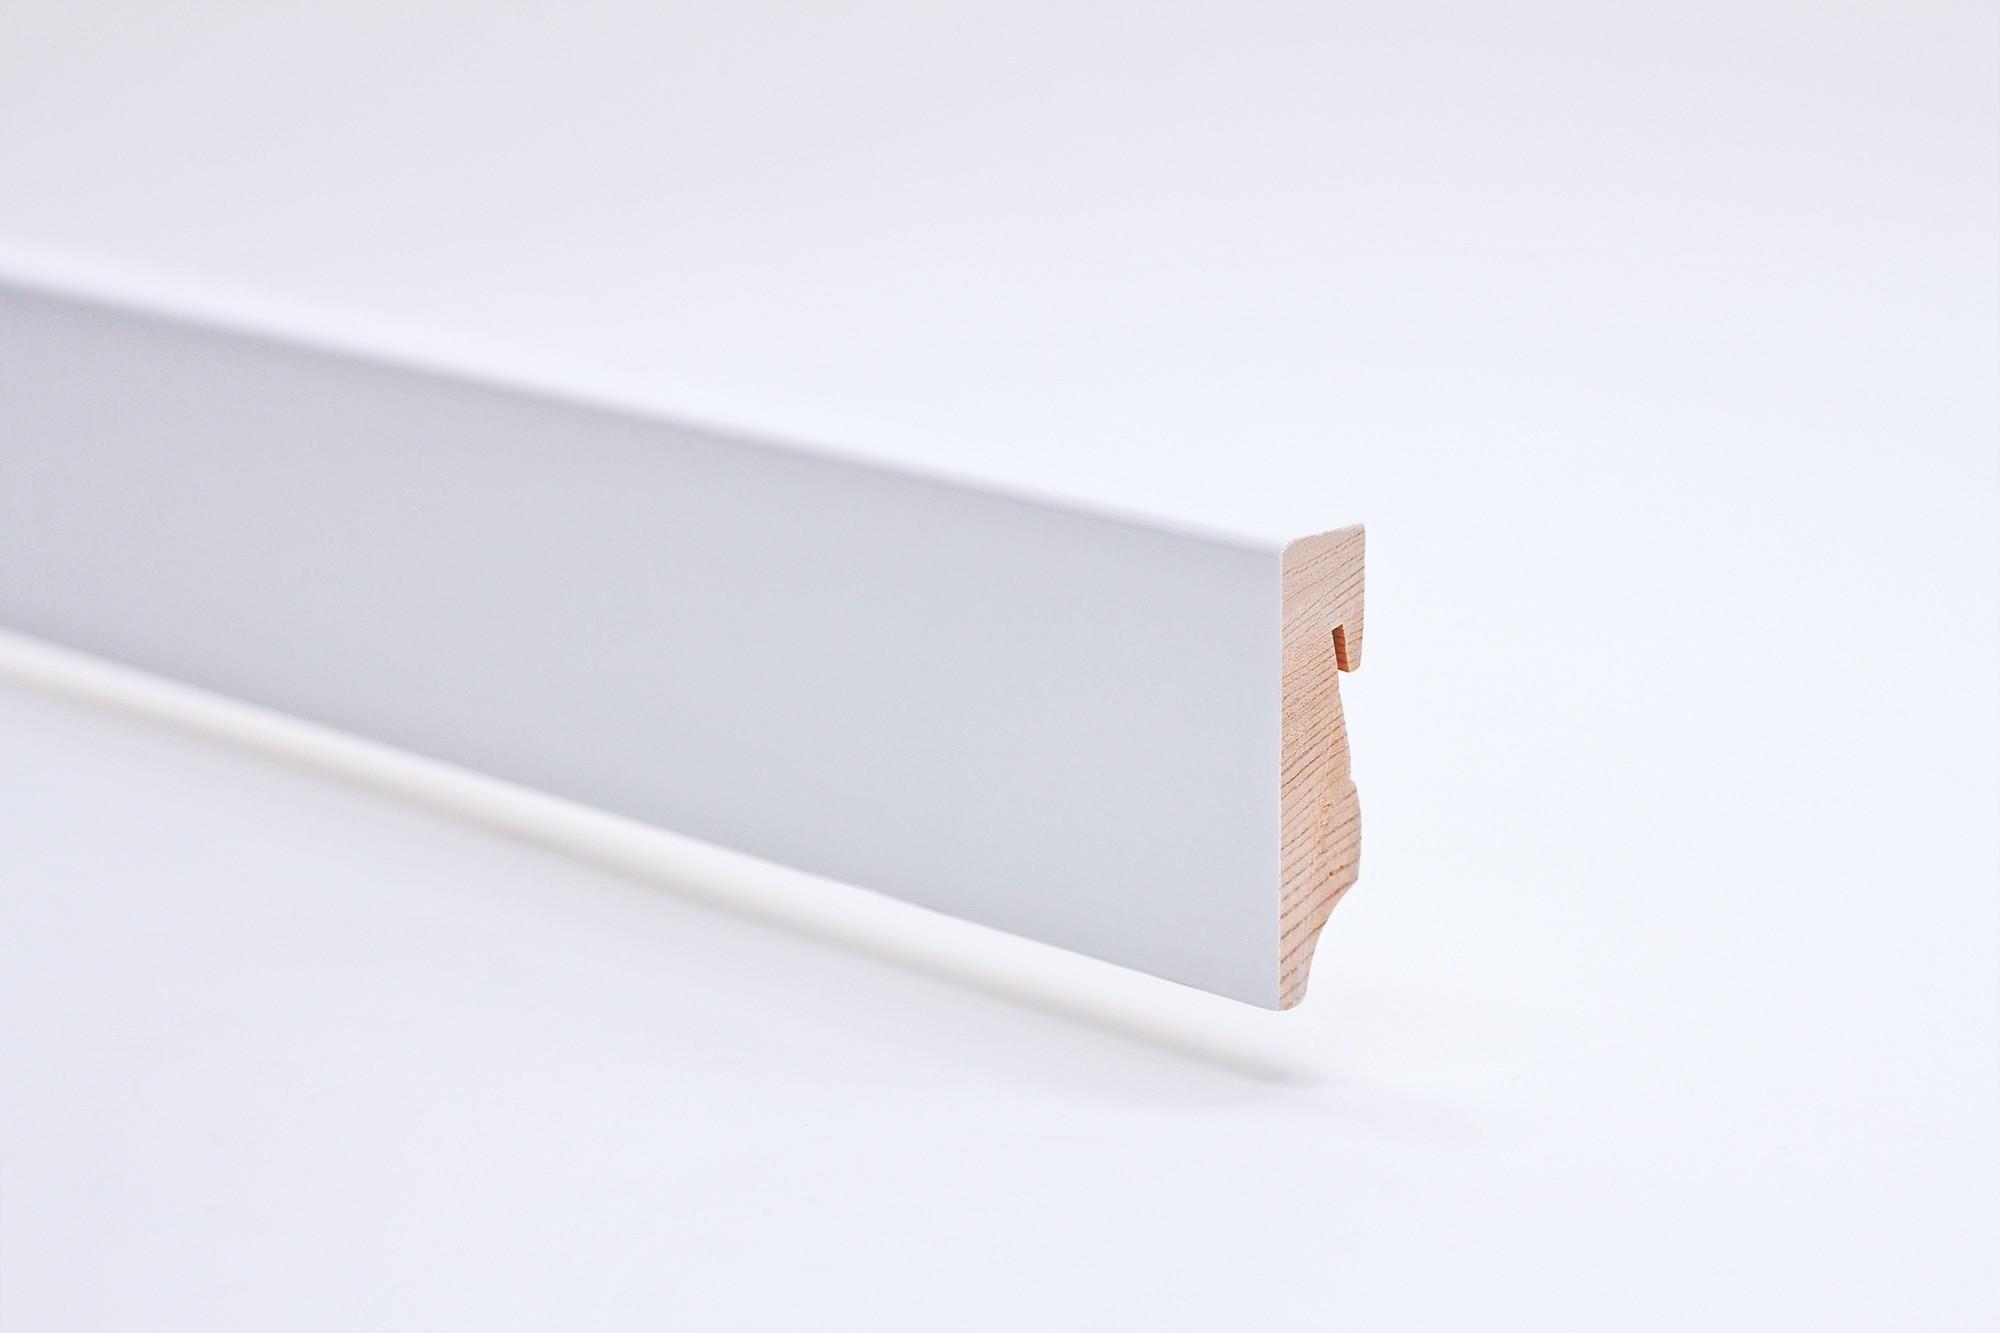 Sockelleiste (2400 x 16 x 58) eckig mit Rundung weiß lackiert Massivholz Profil - Interio